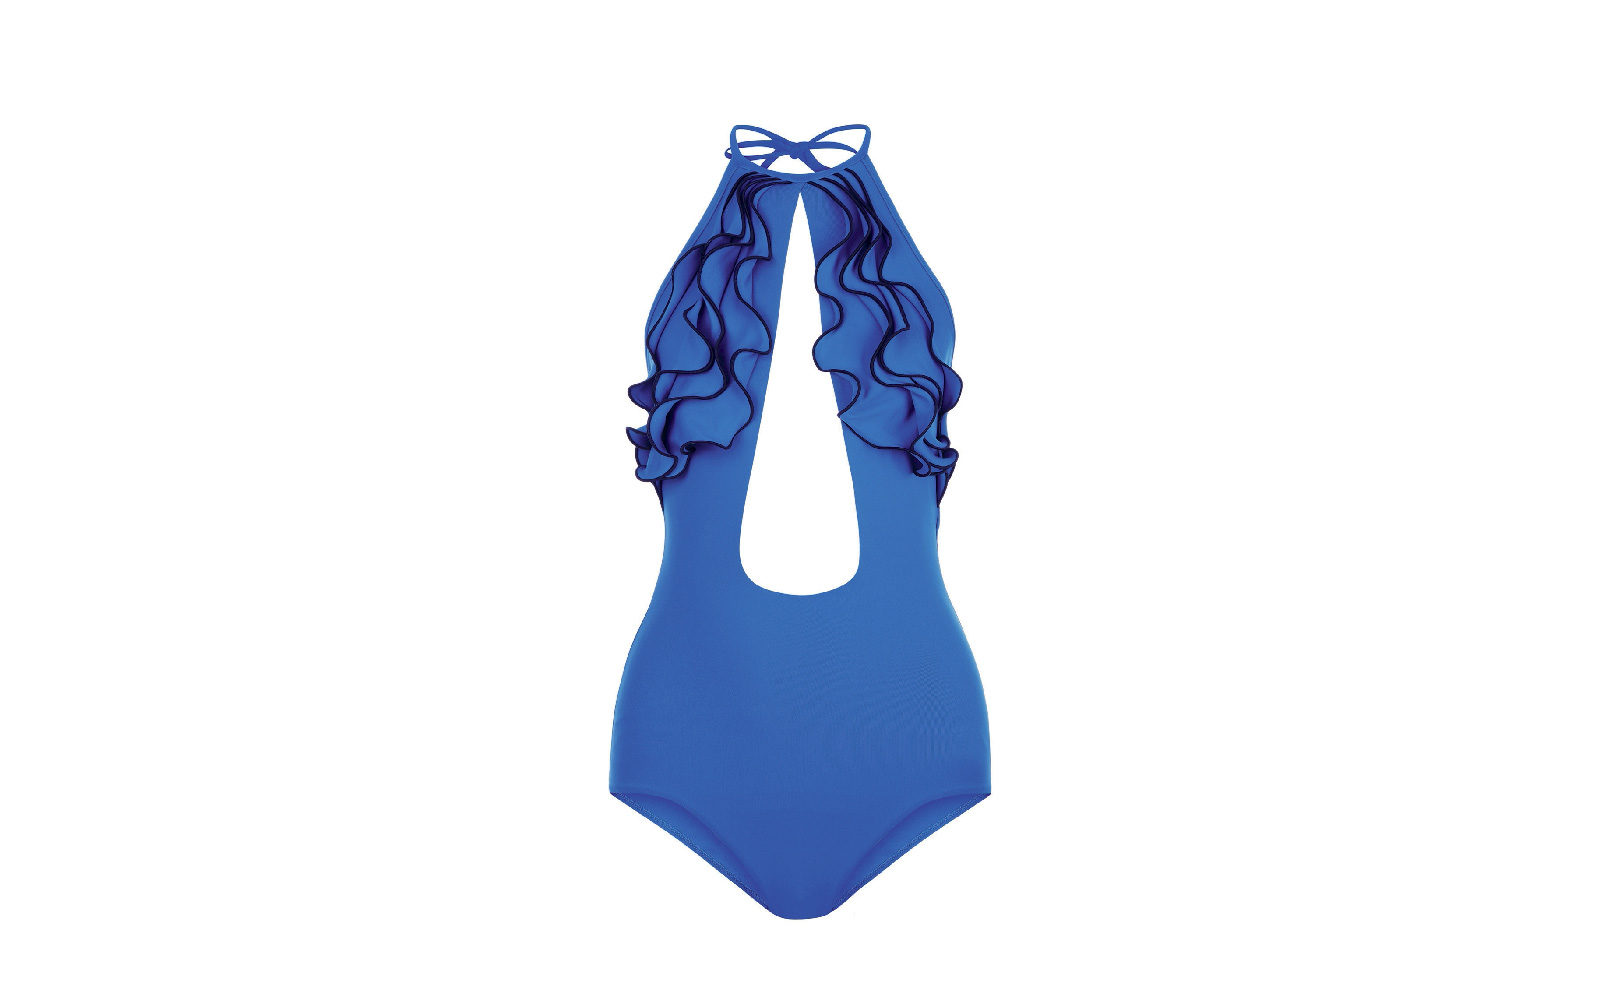 La tinta unita azzurra fa risaltare le numerose ruches a cascata sul décolleté e l'oblò centrale nel costume intero di La Perla (280 euro).